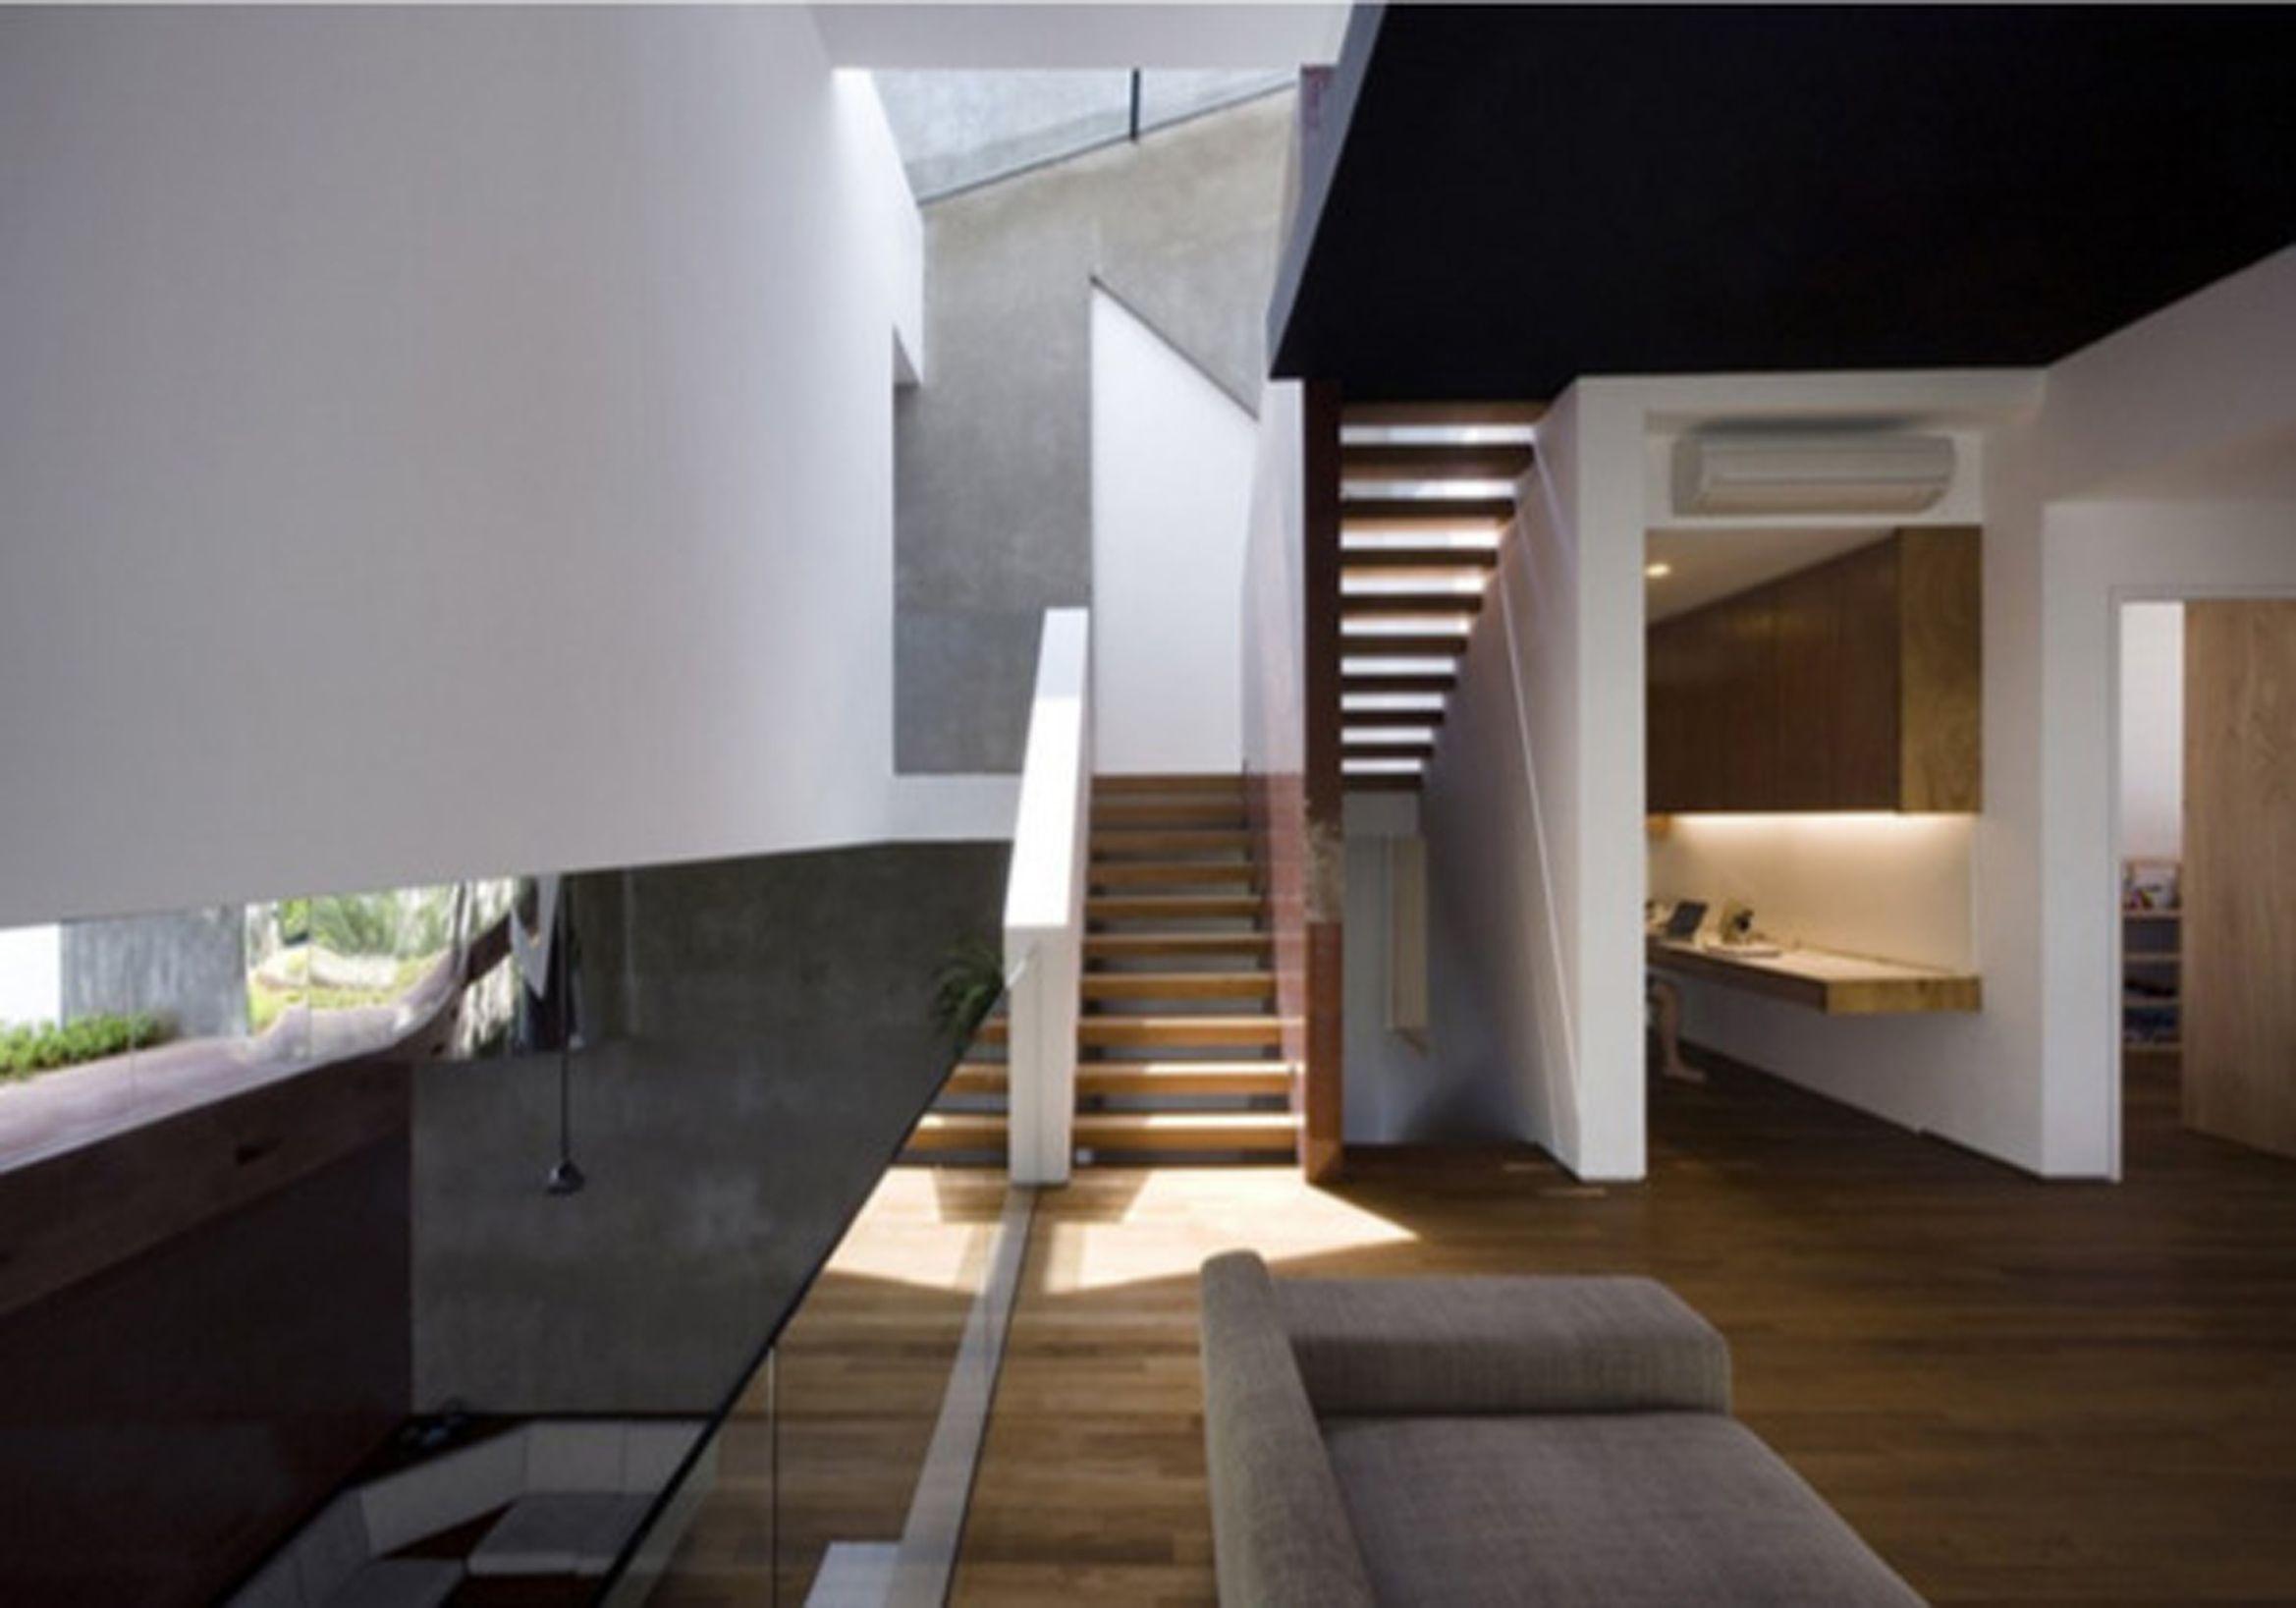 Room · Living Room Furniture Sets ... Part 17